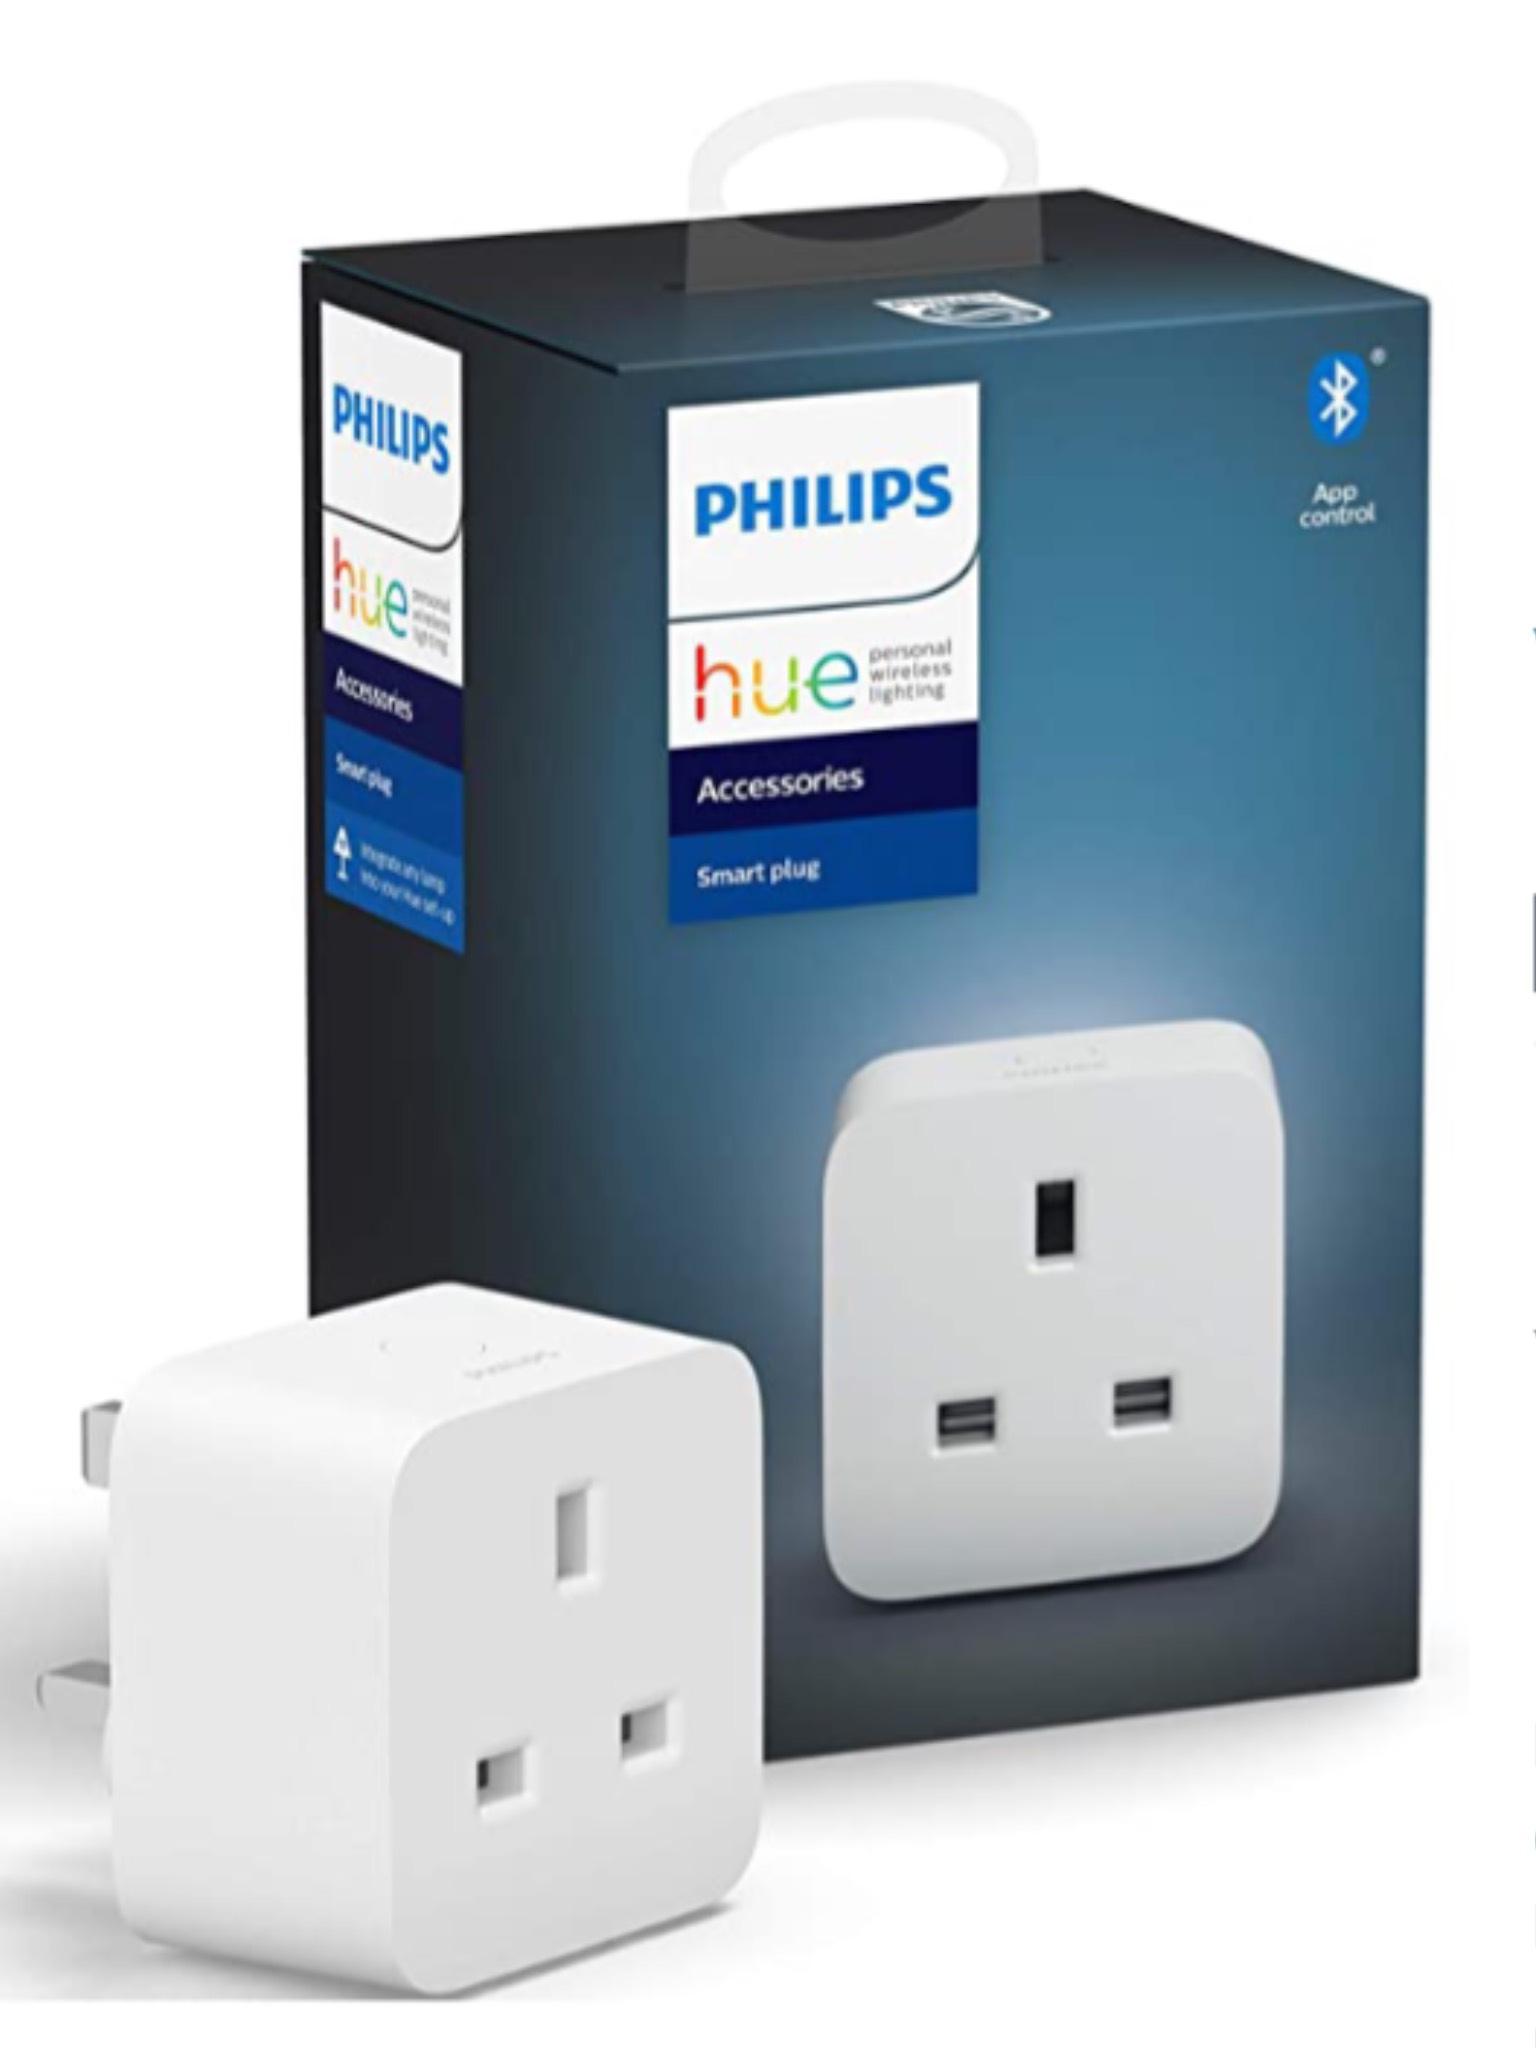 Philips Hue Smart Plug £22 @ Amazon